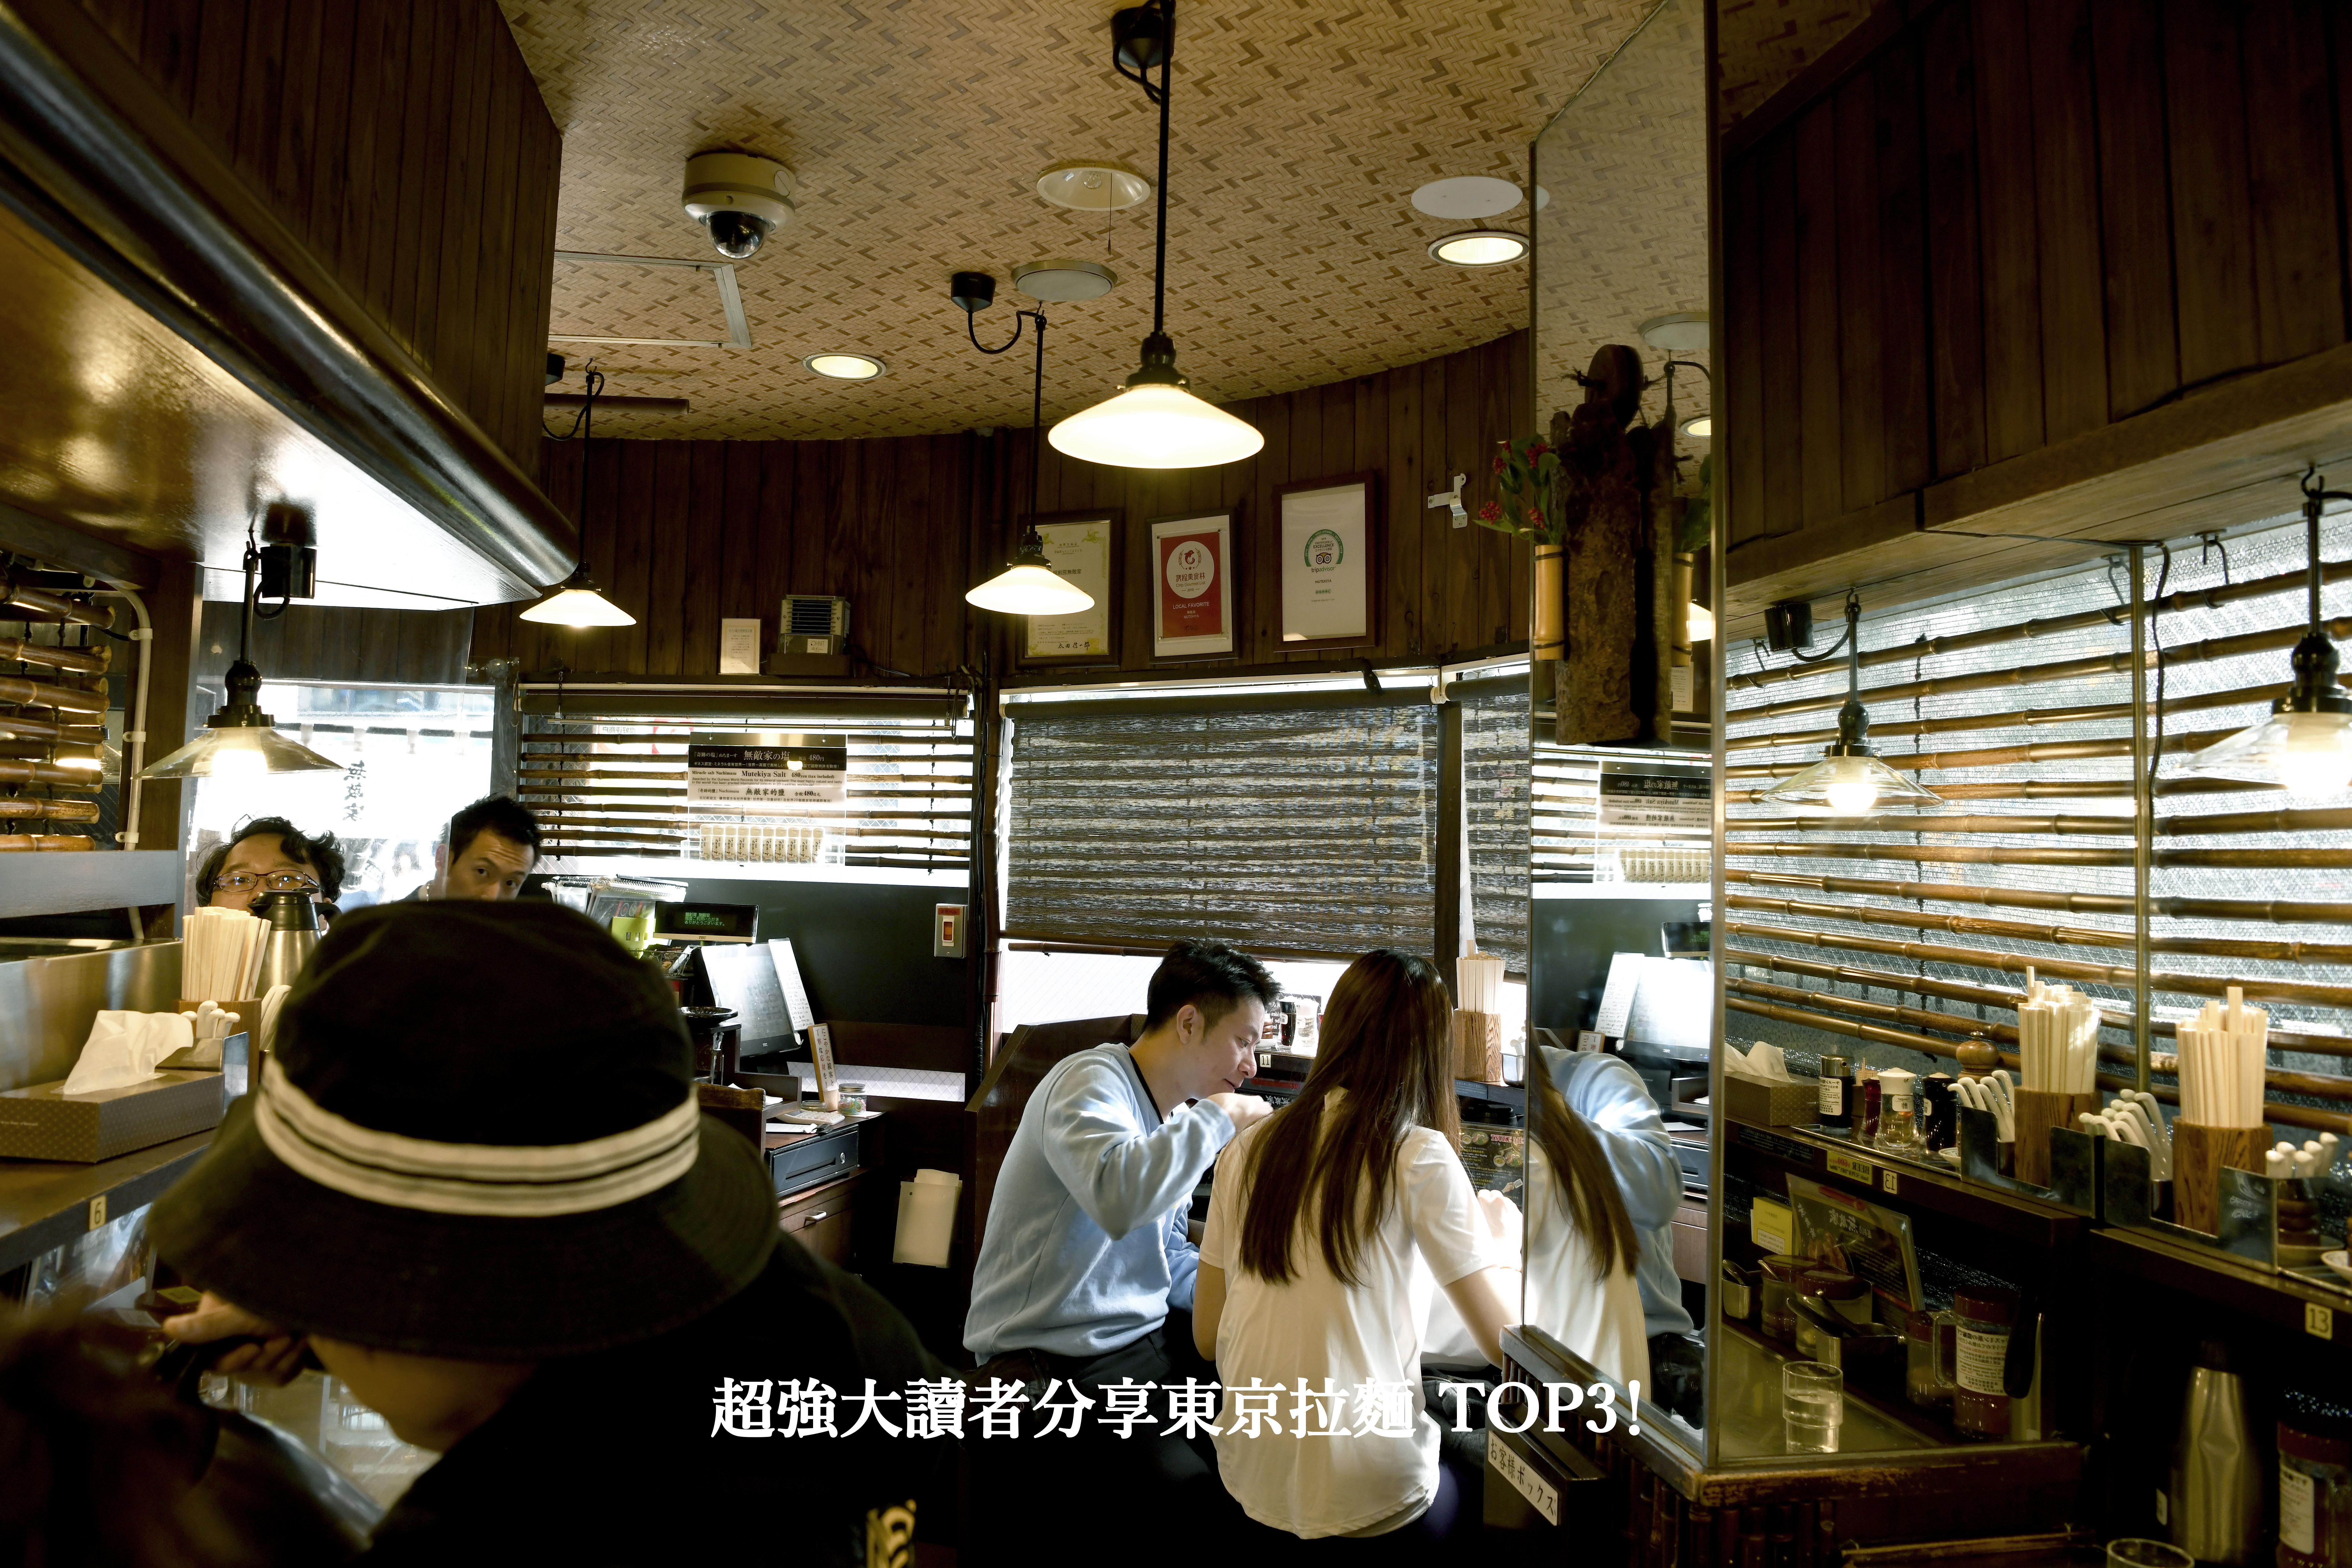 網站近期文章:東京拉麵|超強大讀者推薦名單,不分軒輊前三名採點分享。